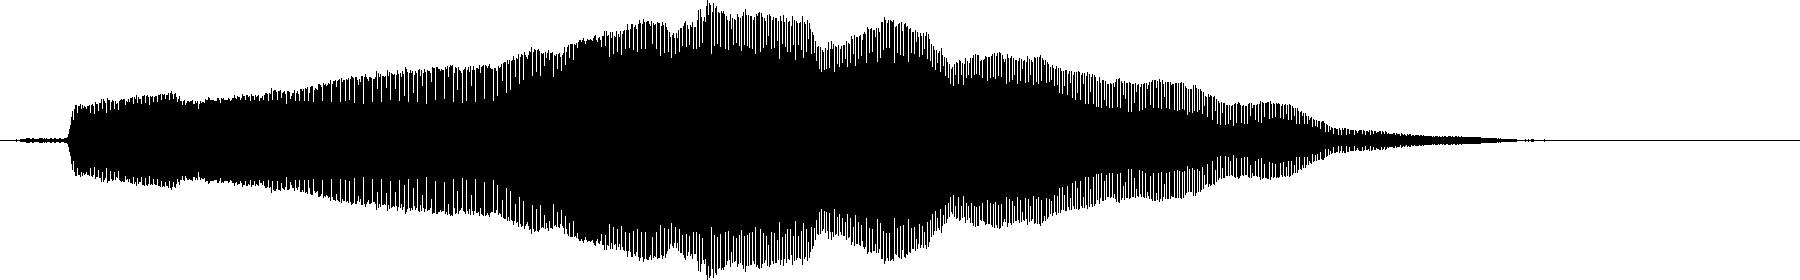 a140bpm4